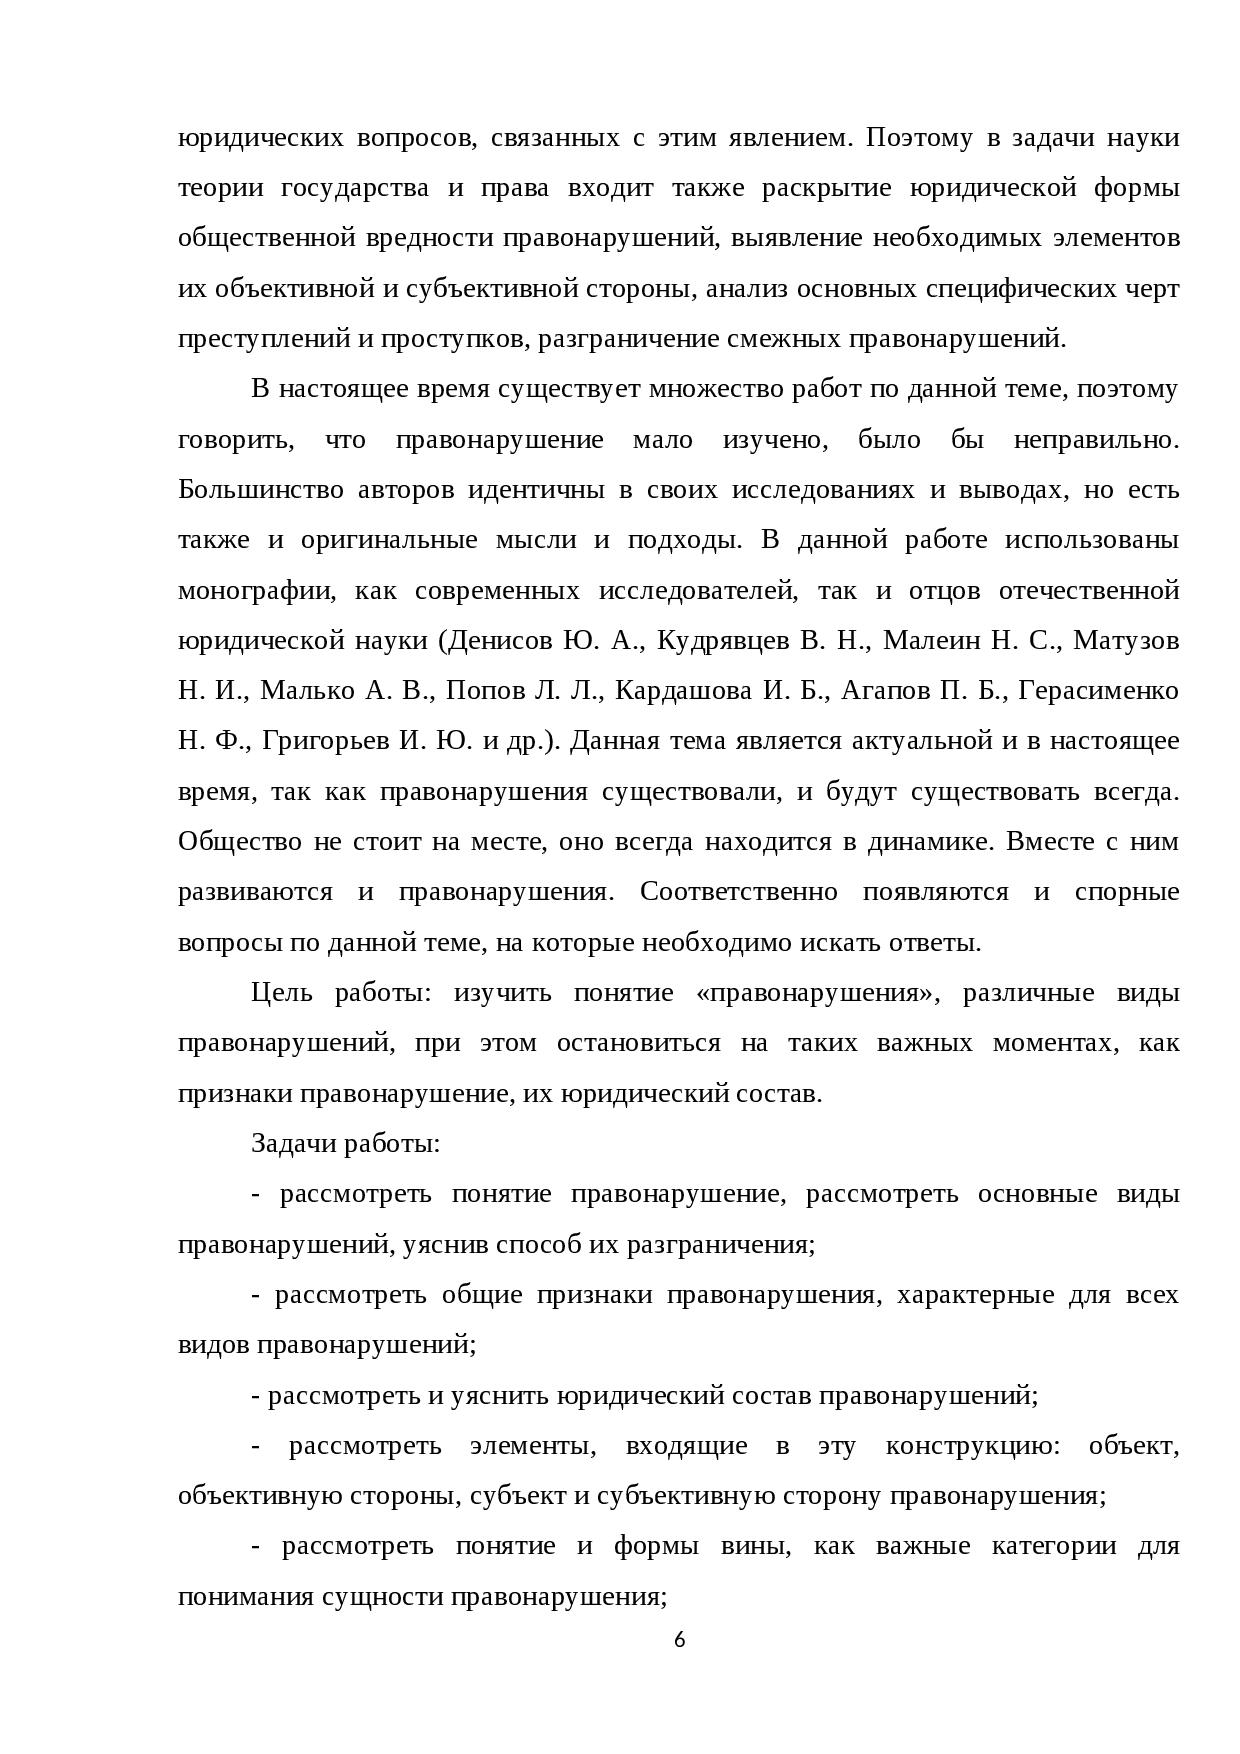 Состав правонарушения